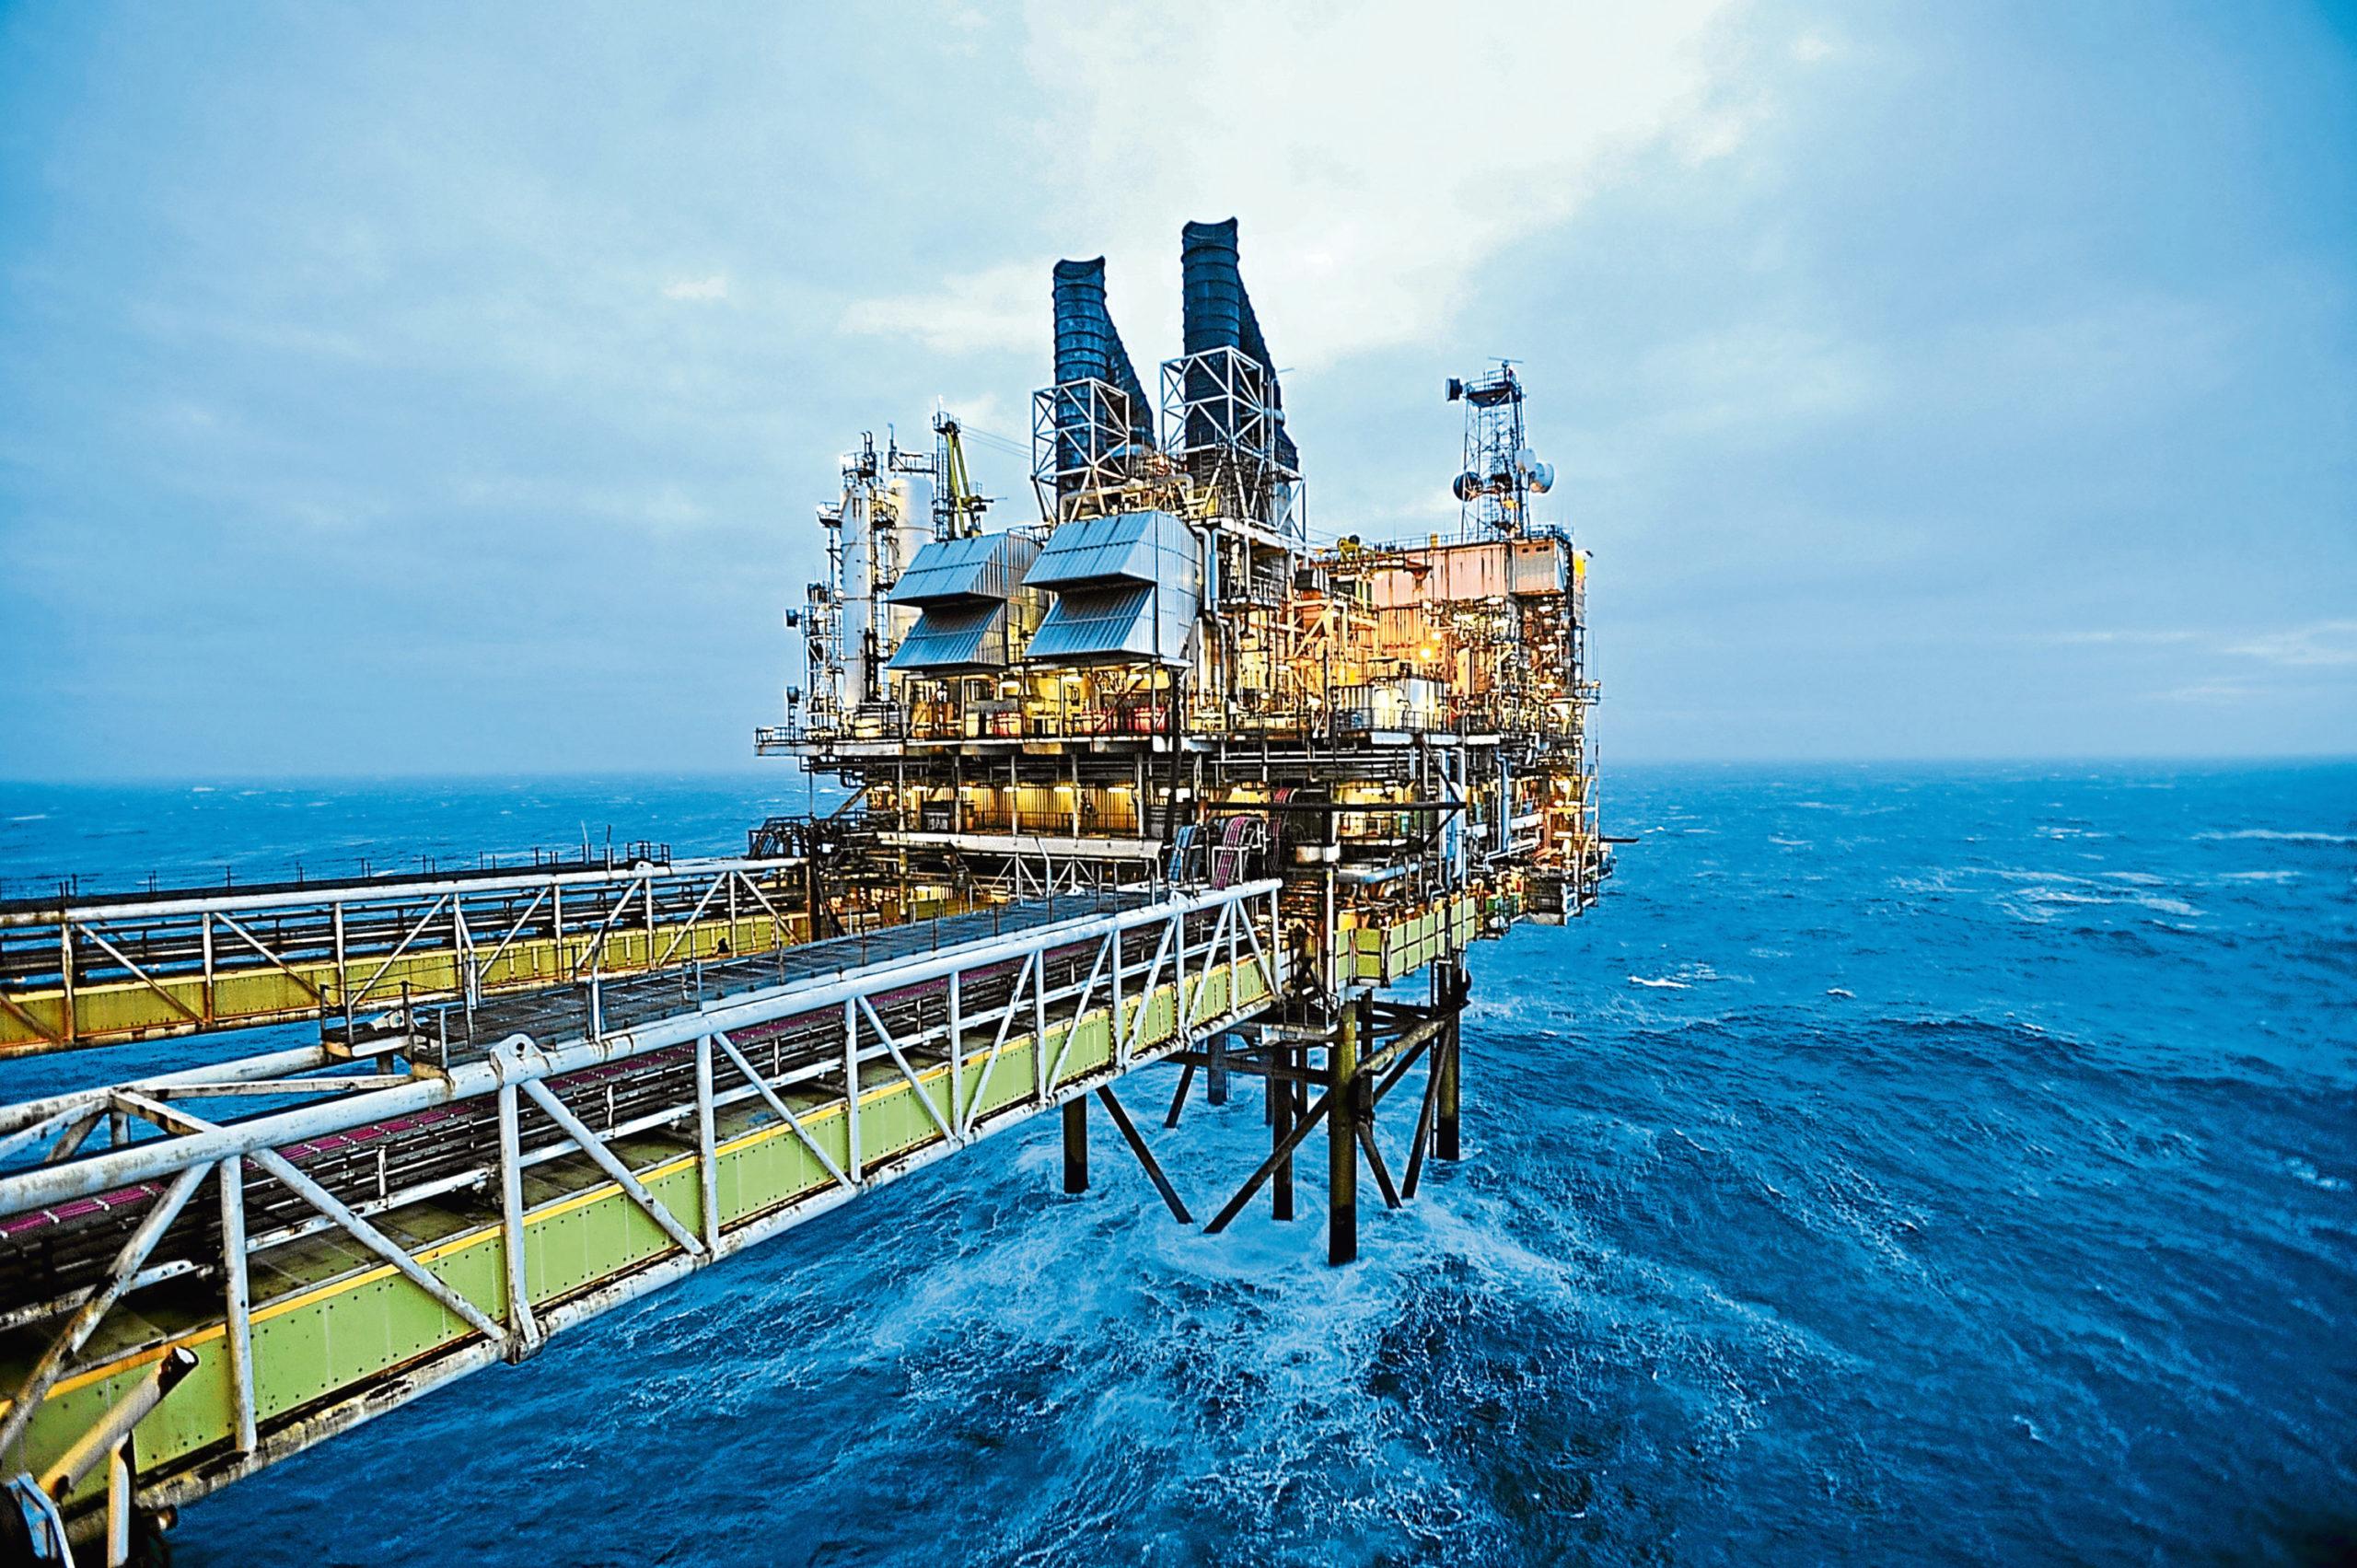 A view of part of the BP Etap platform